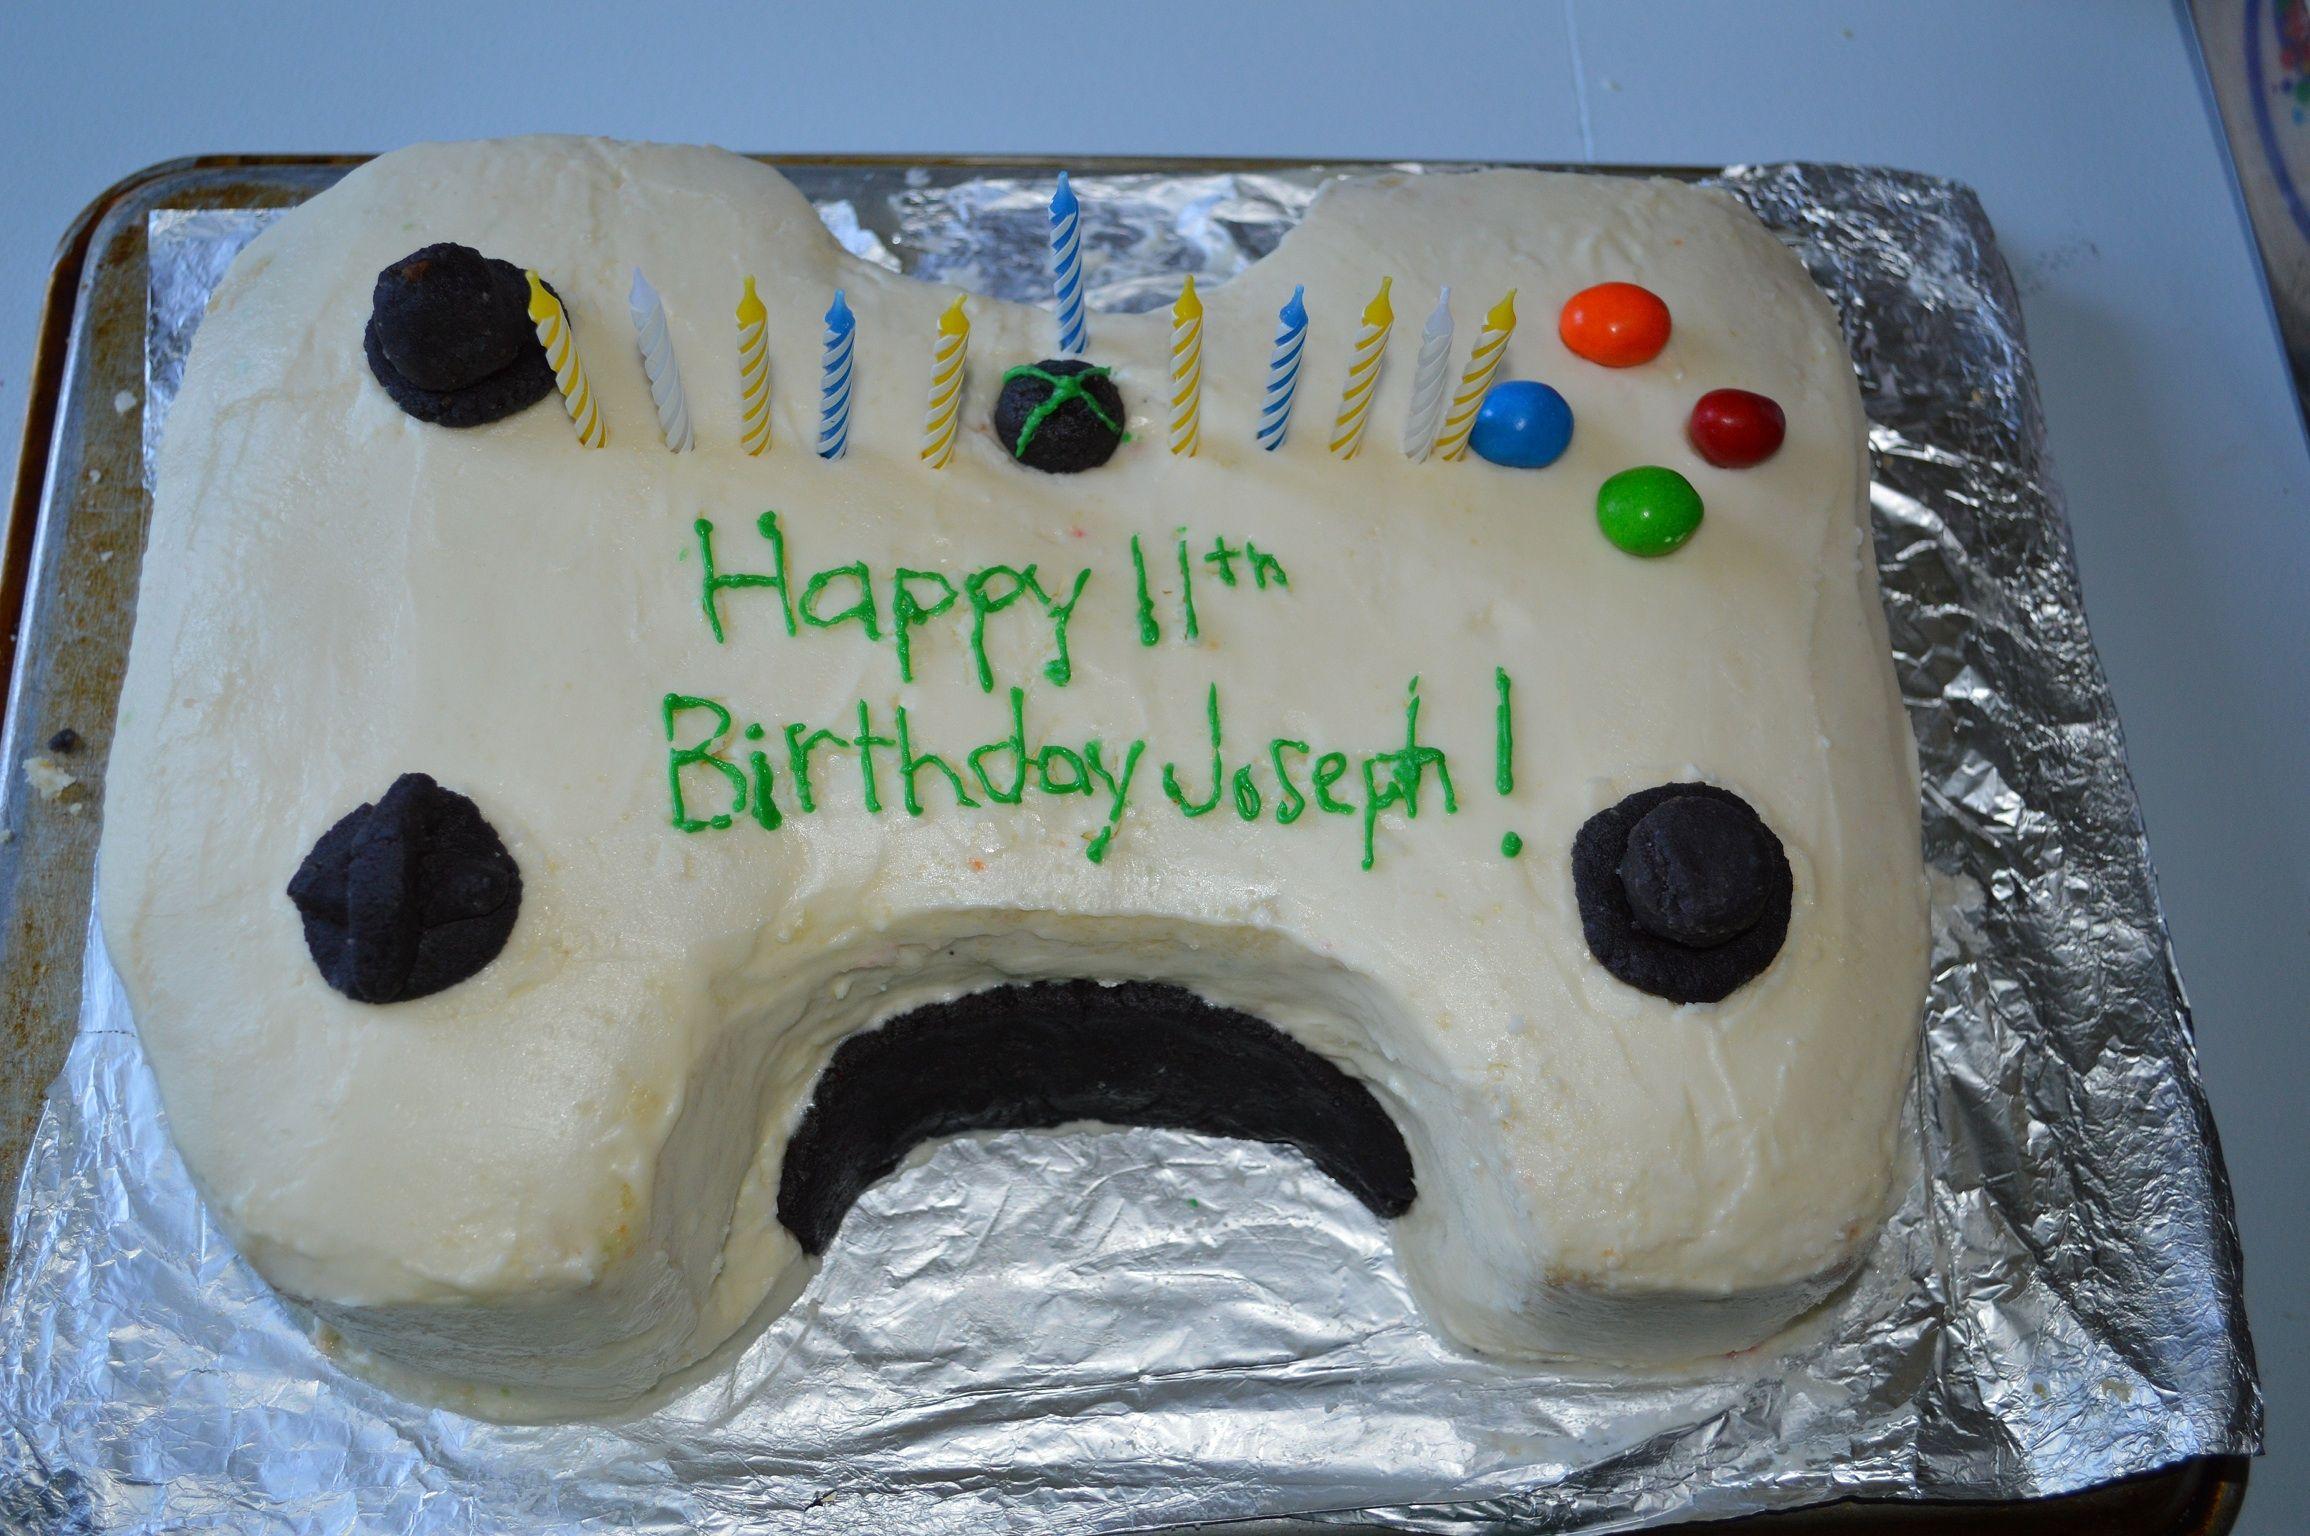 Diy Xbox Controller Cake Diy Cakes Made By Me Diy Cake Cake Diy